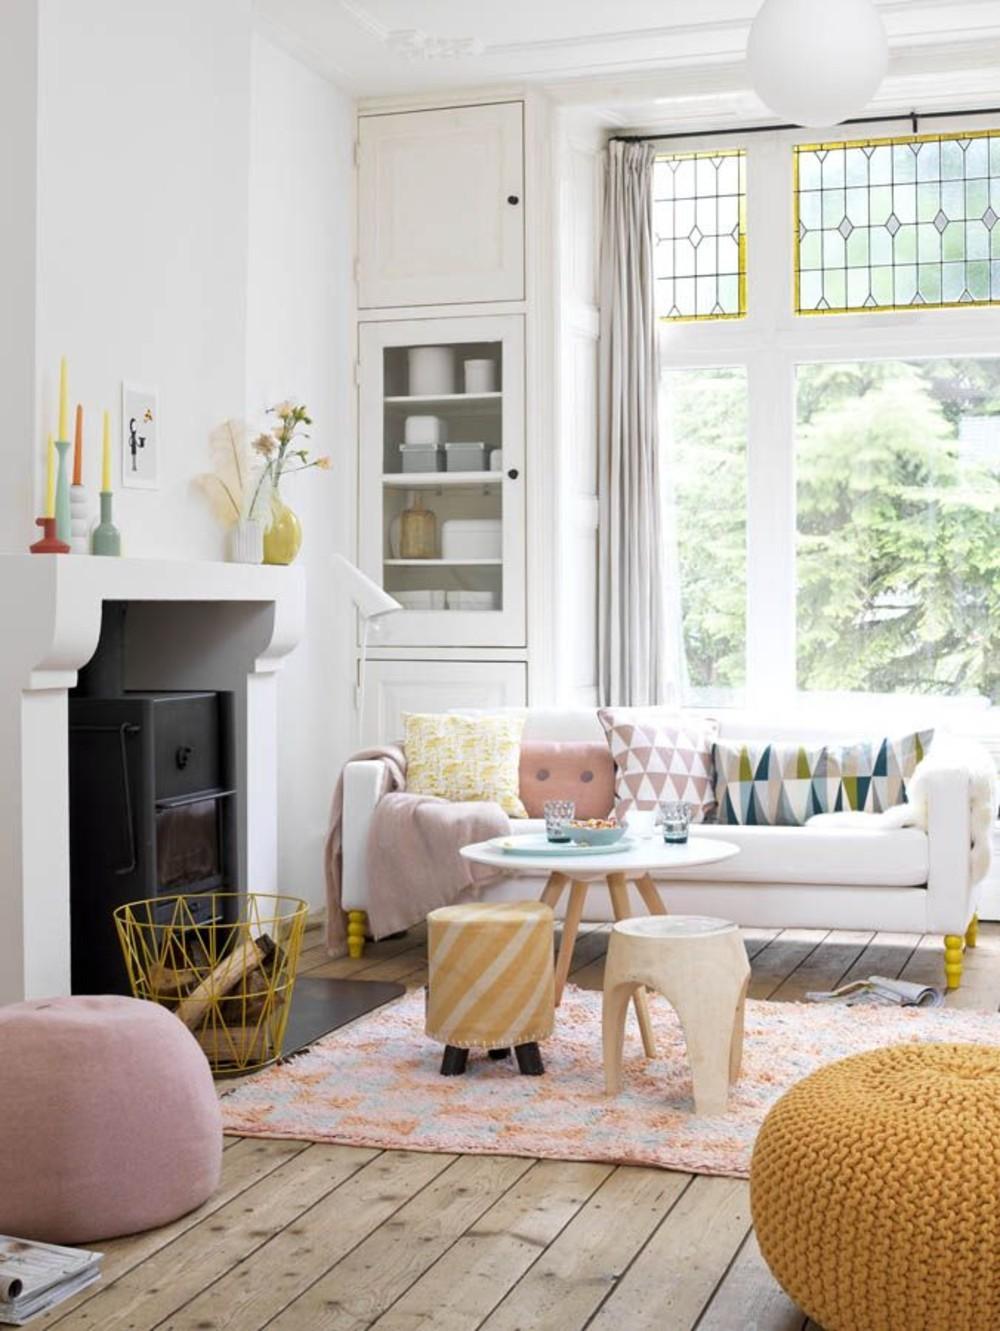 sofás blancos con cojines estampado geométrico